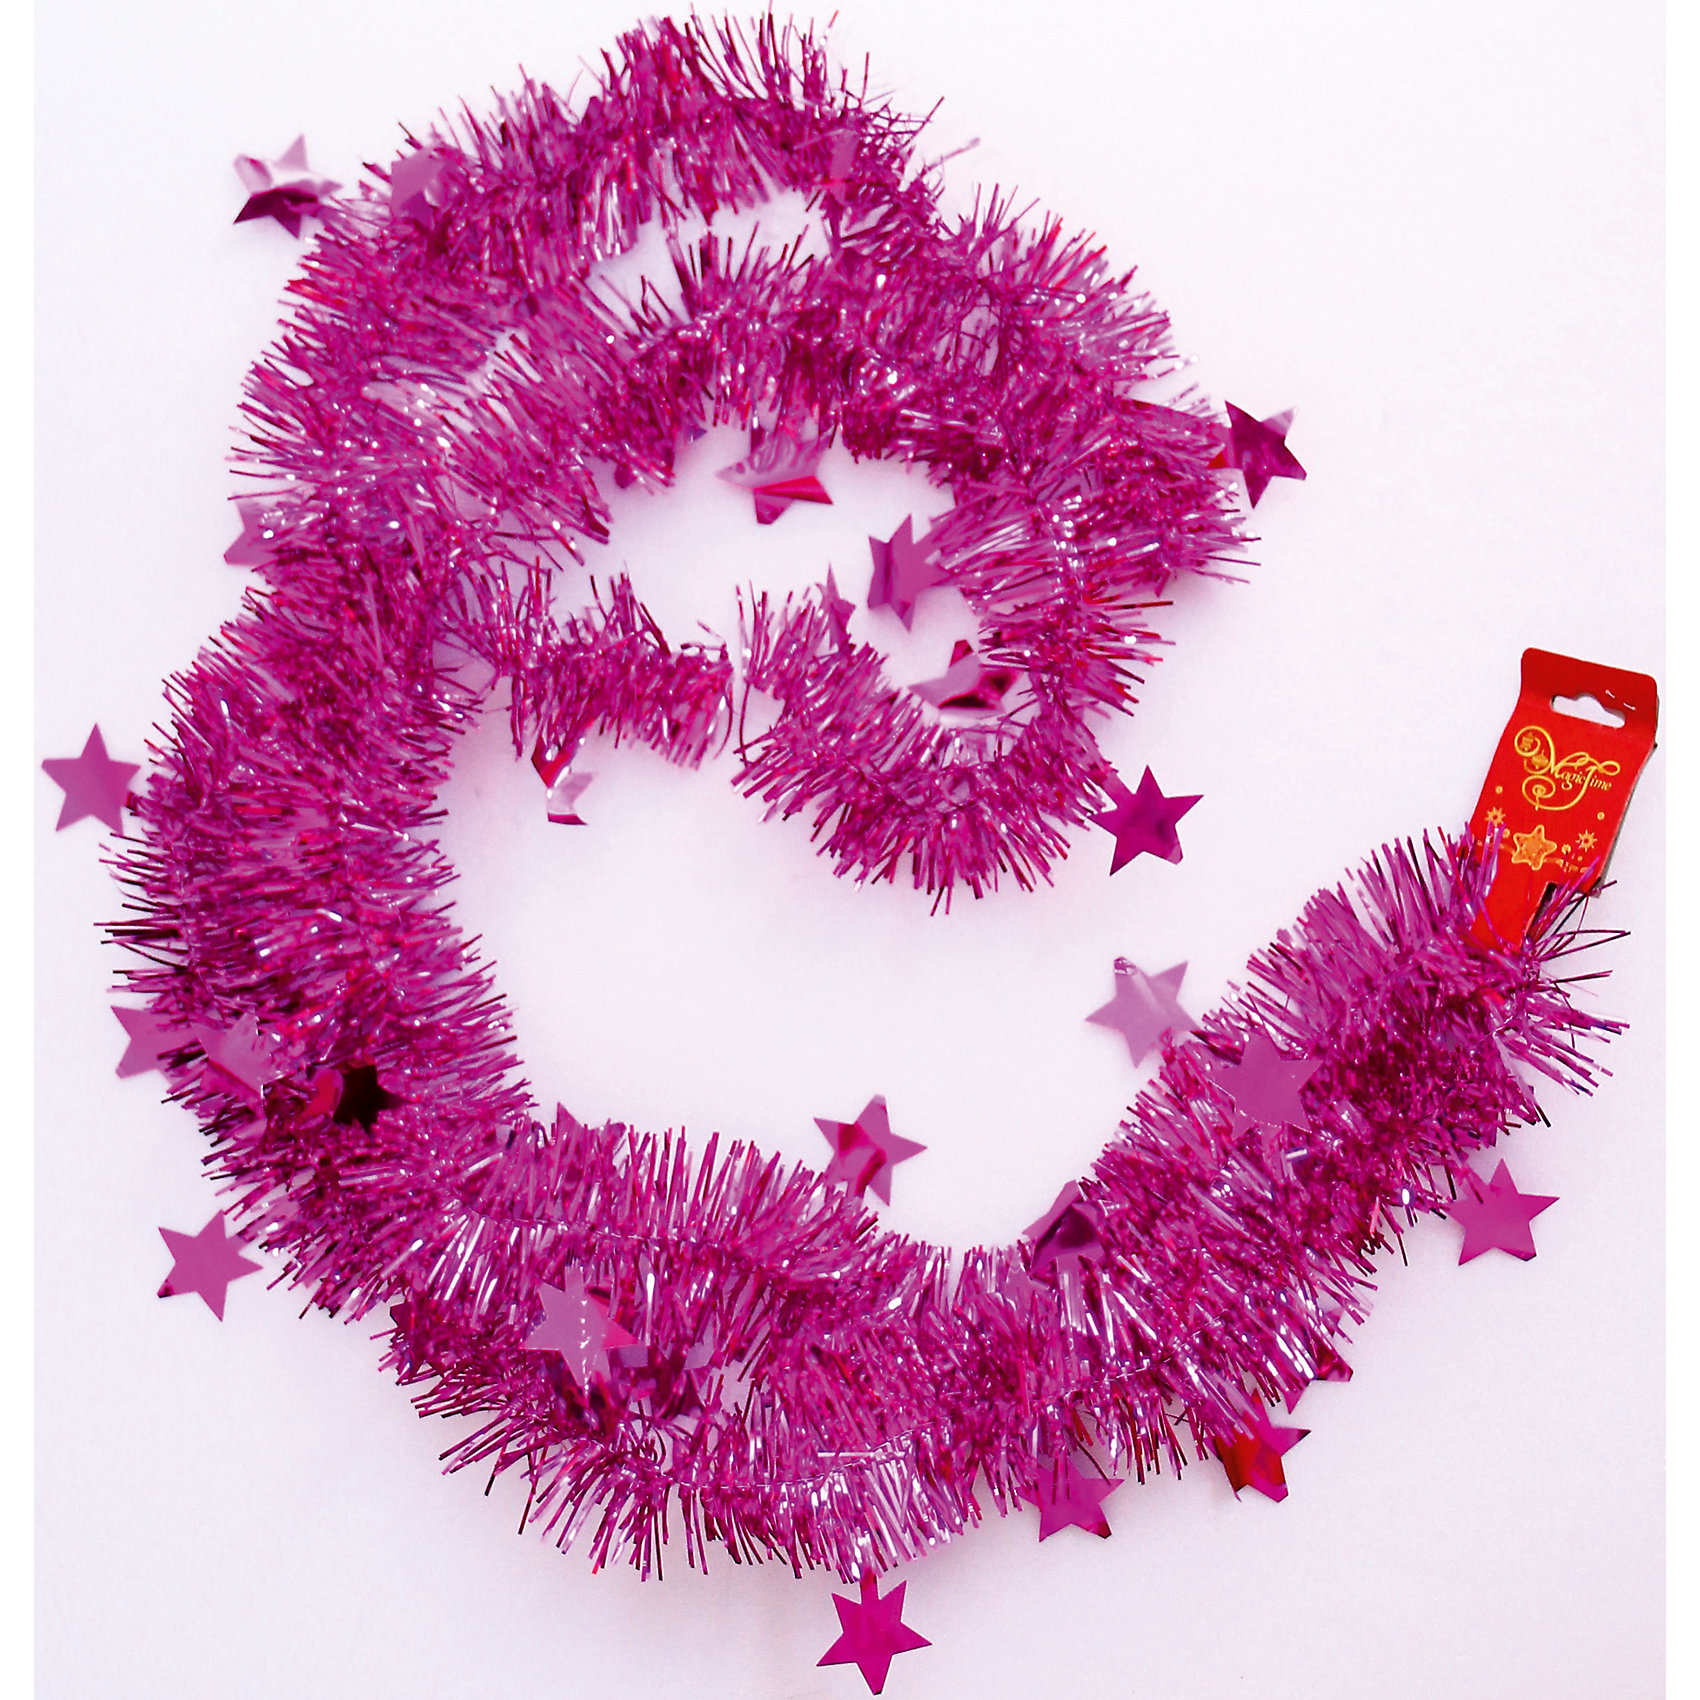 Мишура Розовый 6*200 смВсё для праздника<br>Мишура в розовом цвете отлично подойдет для украшения к новому году. Блеск мишуры создает приятную новогоднюю атмосферу.  Она не будет сыпаться, поэтому останется яркой и блестящей и будет радовать вас ещё не один год. <br><br>Характеристика:<br>-Размер: 6 м 200 см<br>-Цвет: розовый<br>-Арт.: 34900<br><br>Мишуру Розовый можно приобрести в нашем интернет-магазине.<br><br>Ширина мм: 100<br>Глубина мм: 100<br>Высота мм: 60<br>Вес г: 14<br>Возраст от месяцев: 36<br>Возраст до месяцев: 2147483647<br>Пол: Унисекс<br>Возраст: Детский<br>SKU: 4981444